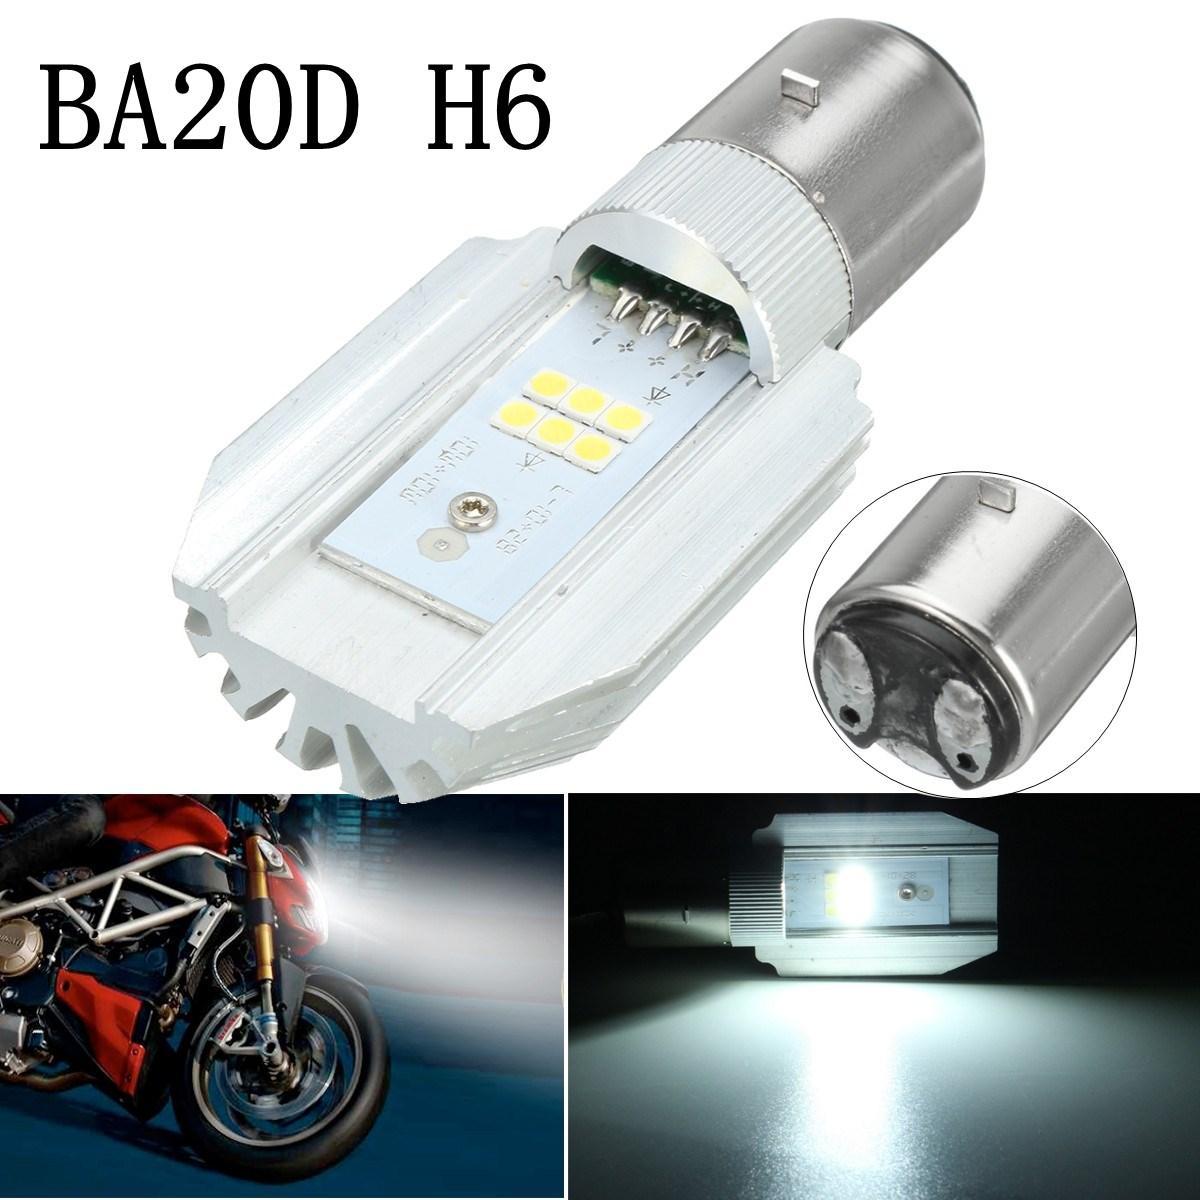 achetez en gros moto phare ampoule en ligne des grossistes moto phare ampoule chinois. Black Bedroom Furniture Sets. Home Design Ideas